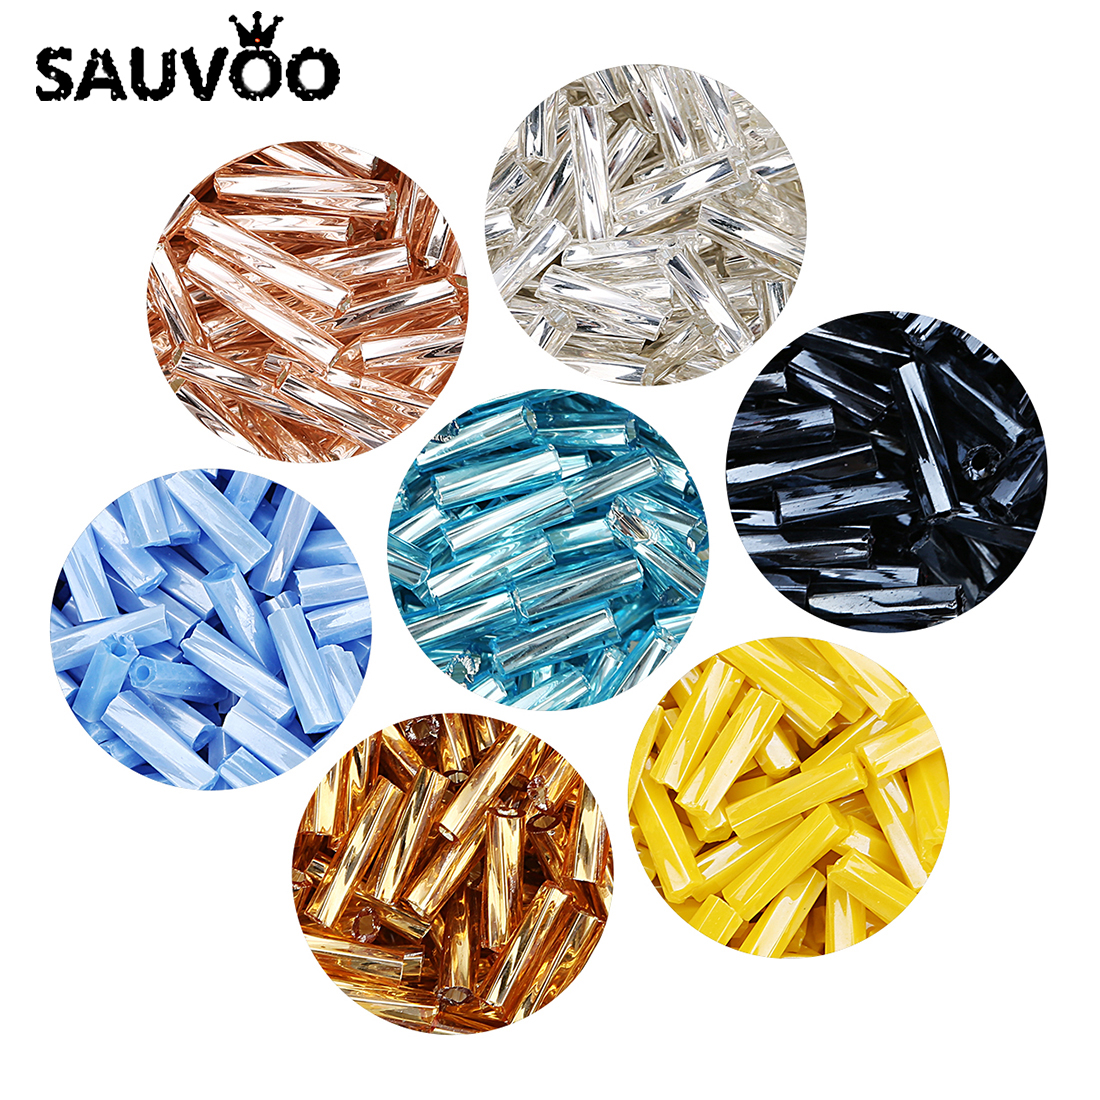 SAUVOO 1000 teile/los Delica Miyuki Tschechische Zylindrischen Glas Bugle Perlen Europäische Saatgut Lange Rohr Lose Perlen für Schmuck Machen